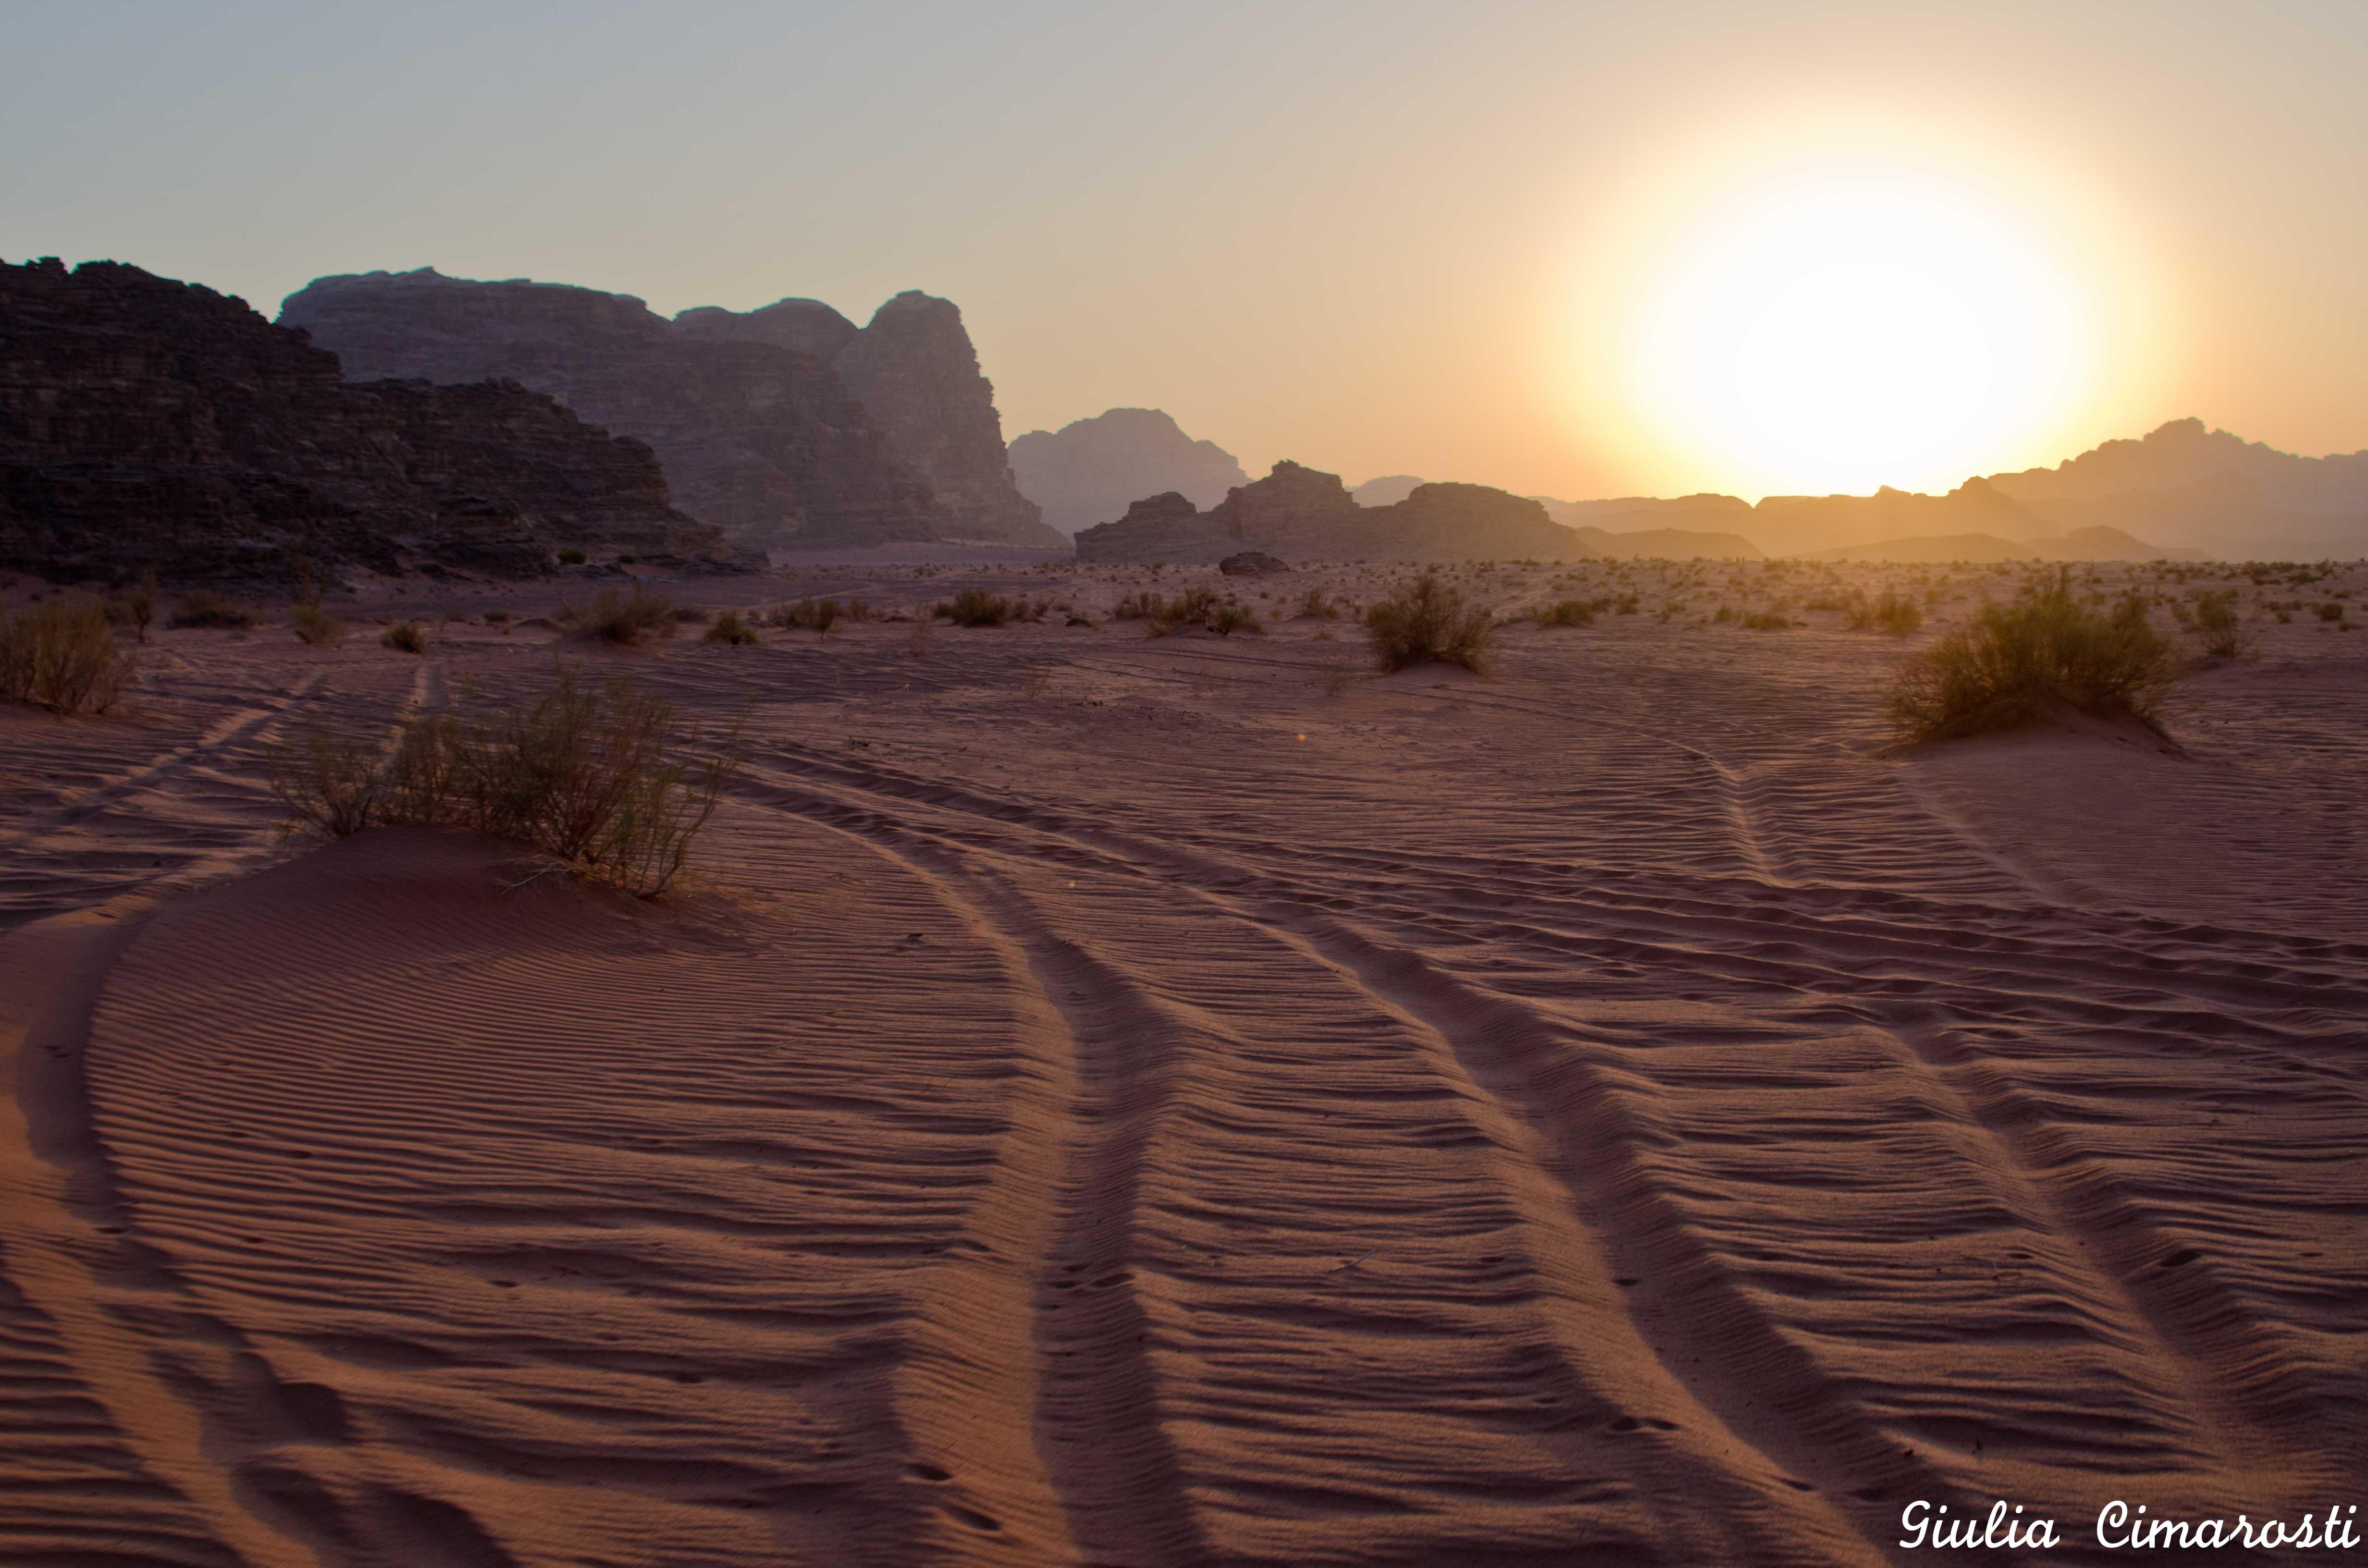 A memorable sunset in the Wadi Rum, the red desert of Jordan